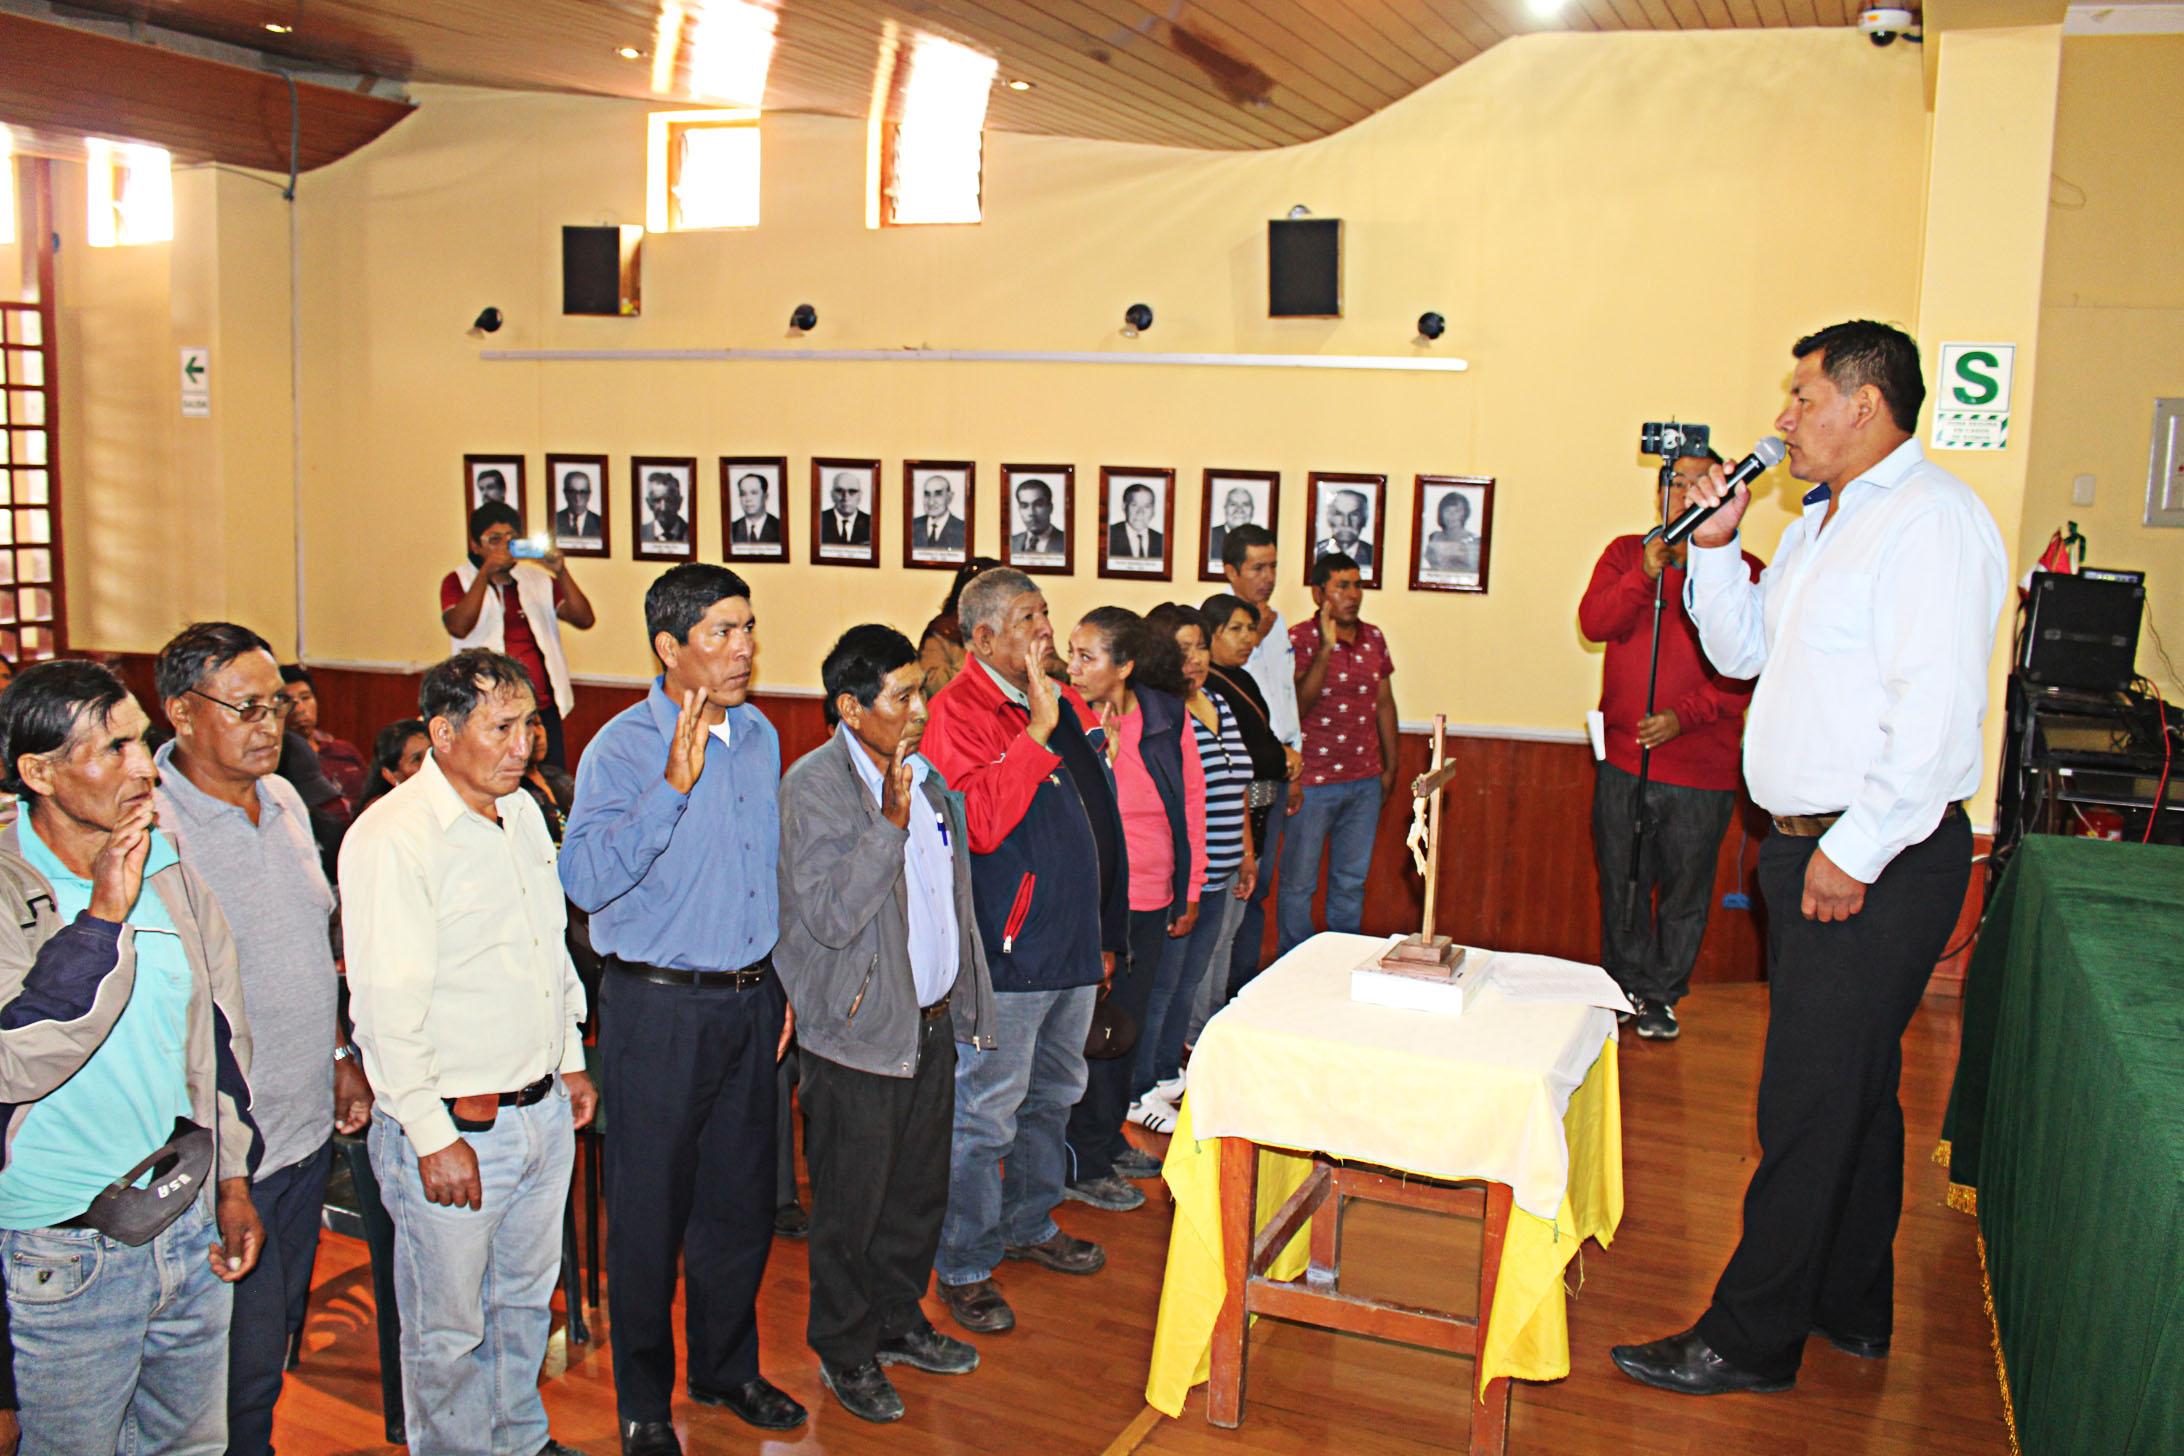 ALCALDE DE TORATA INSTA A JUNTAS VECINALES A TRABAJAR EN PROYECTOS INTEGRALES A FAVOR DEL DISTRITO